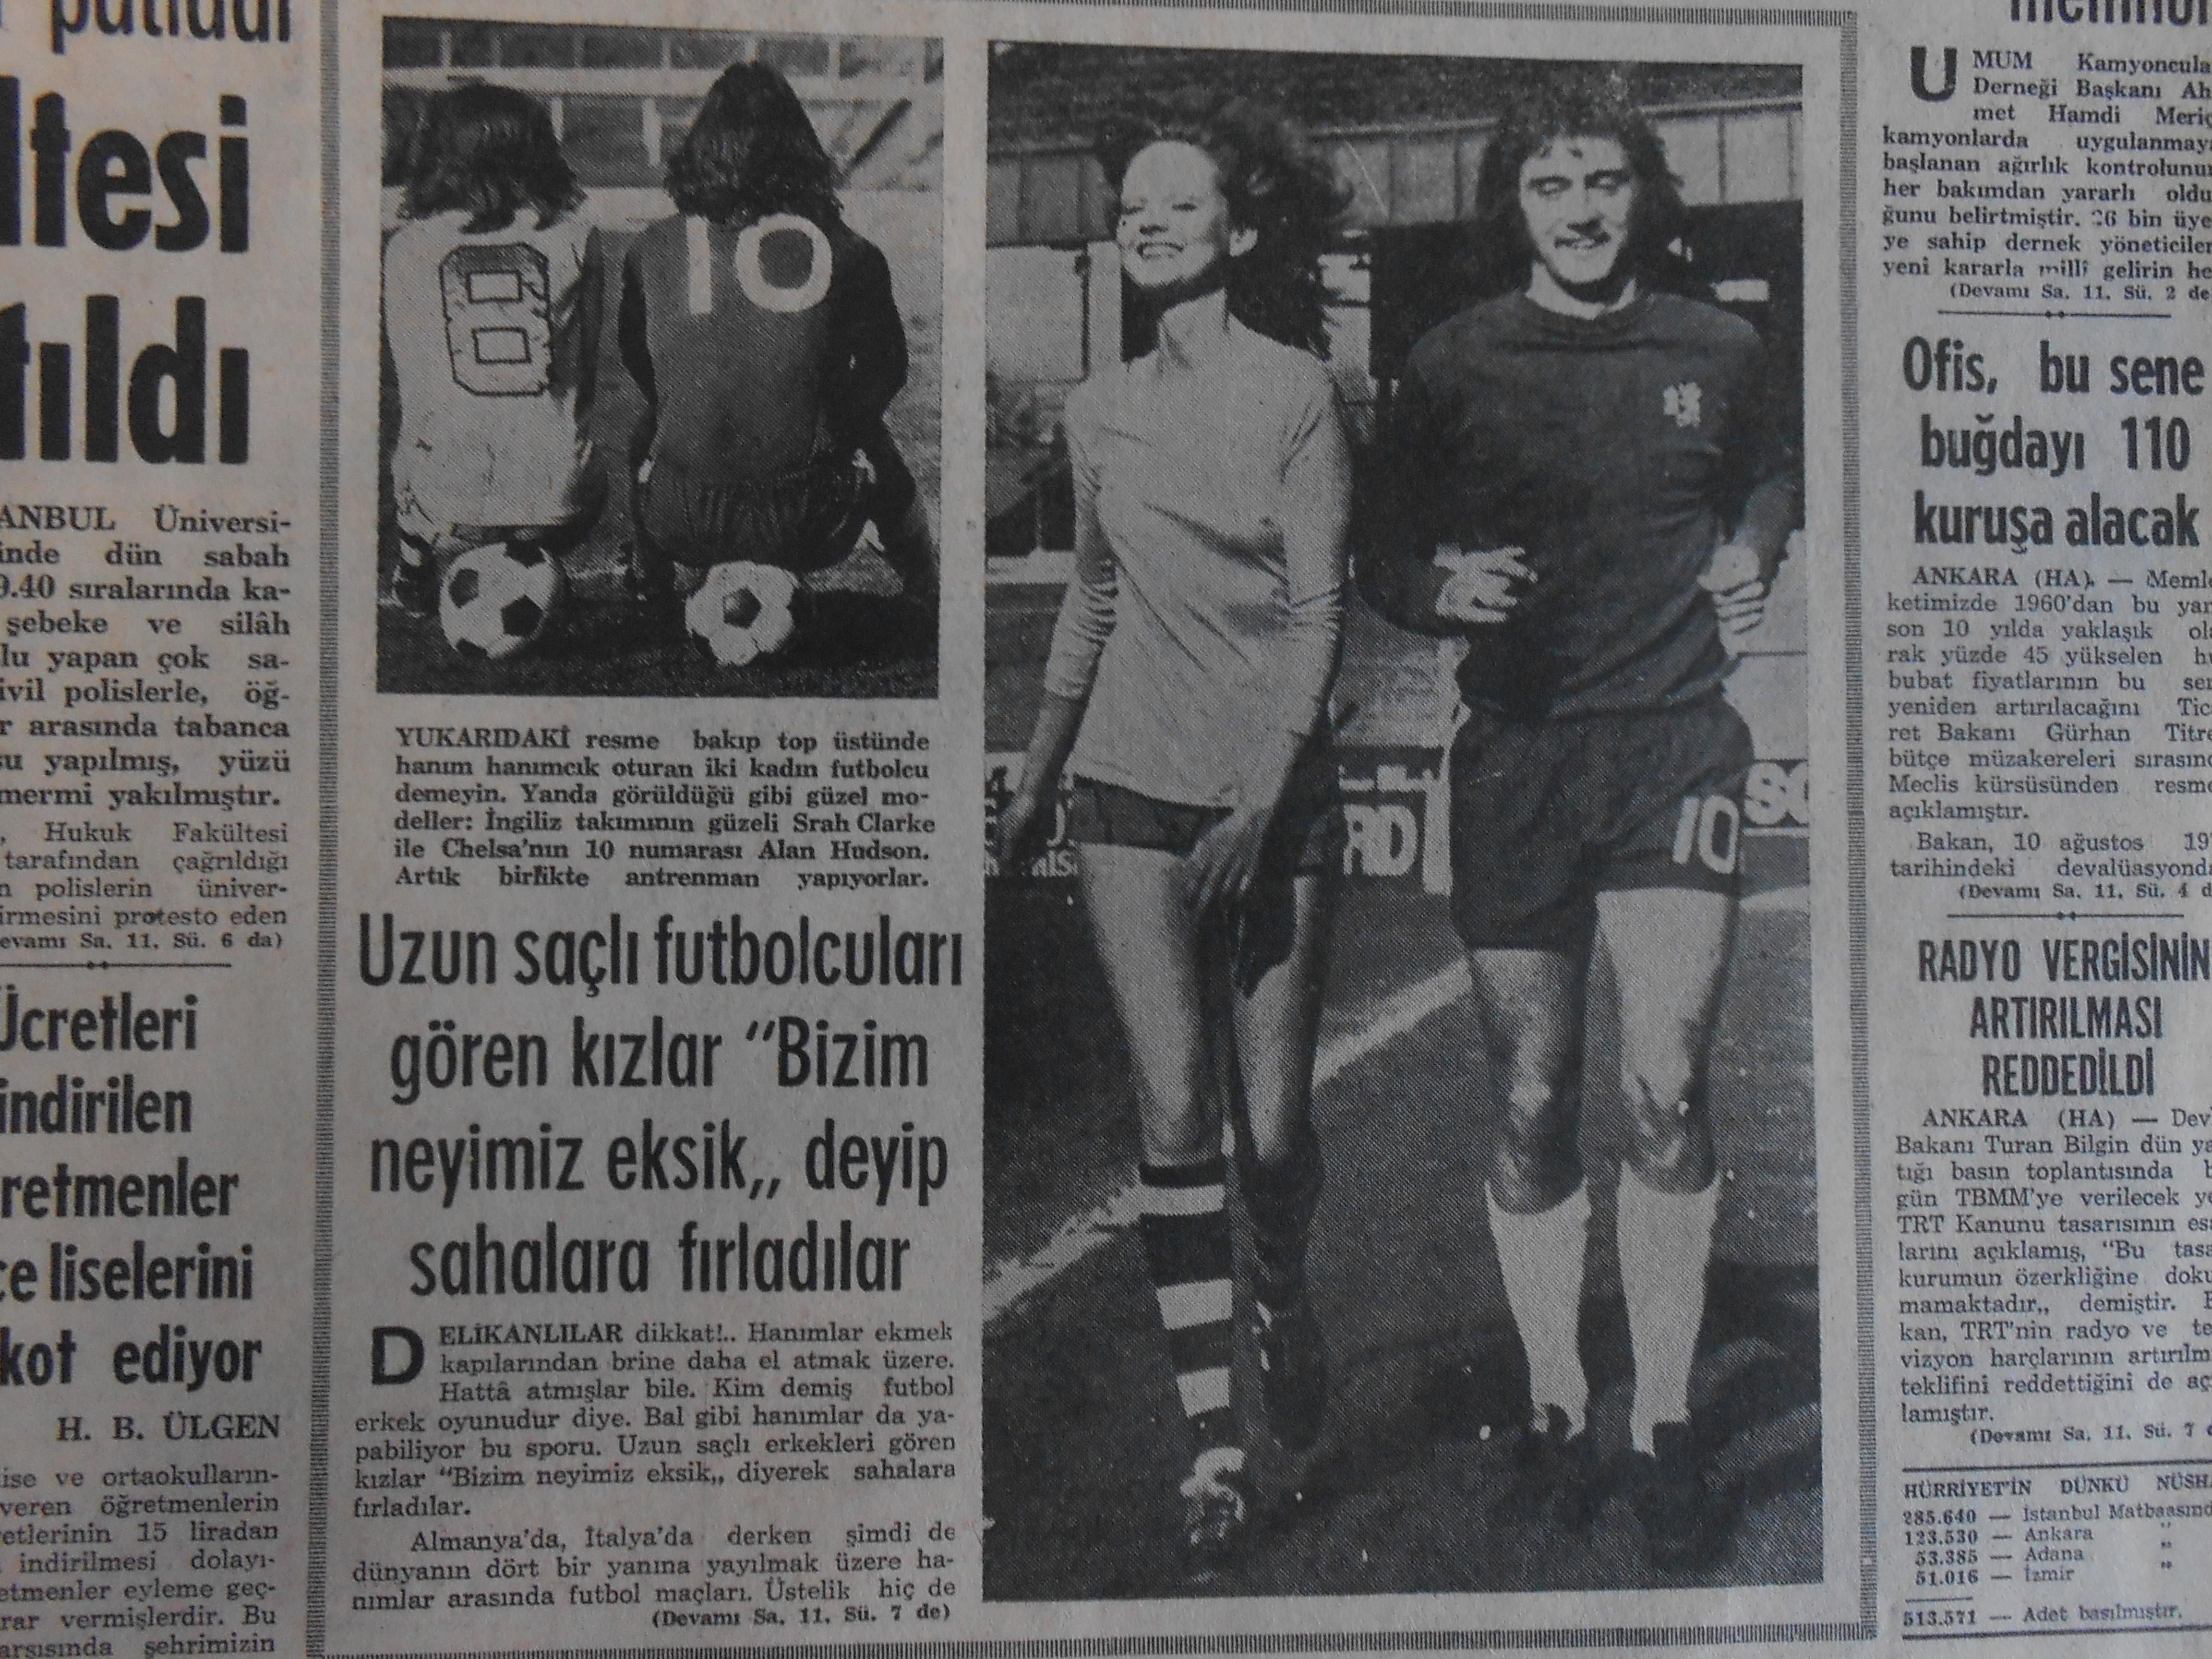 Hürriyet, 3 Mart 1971